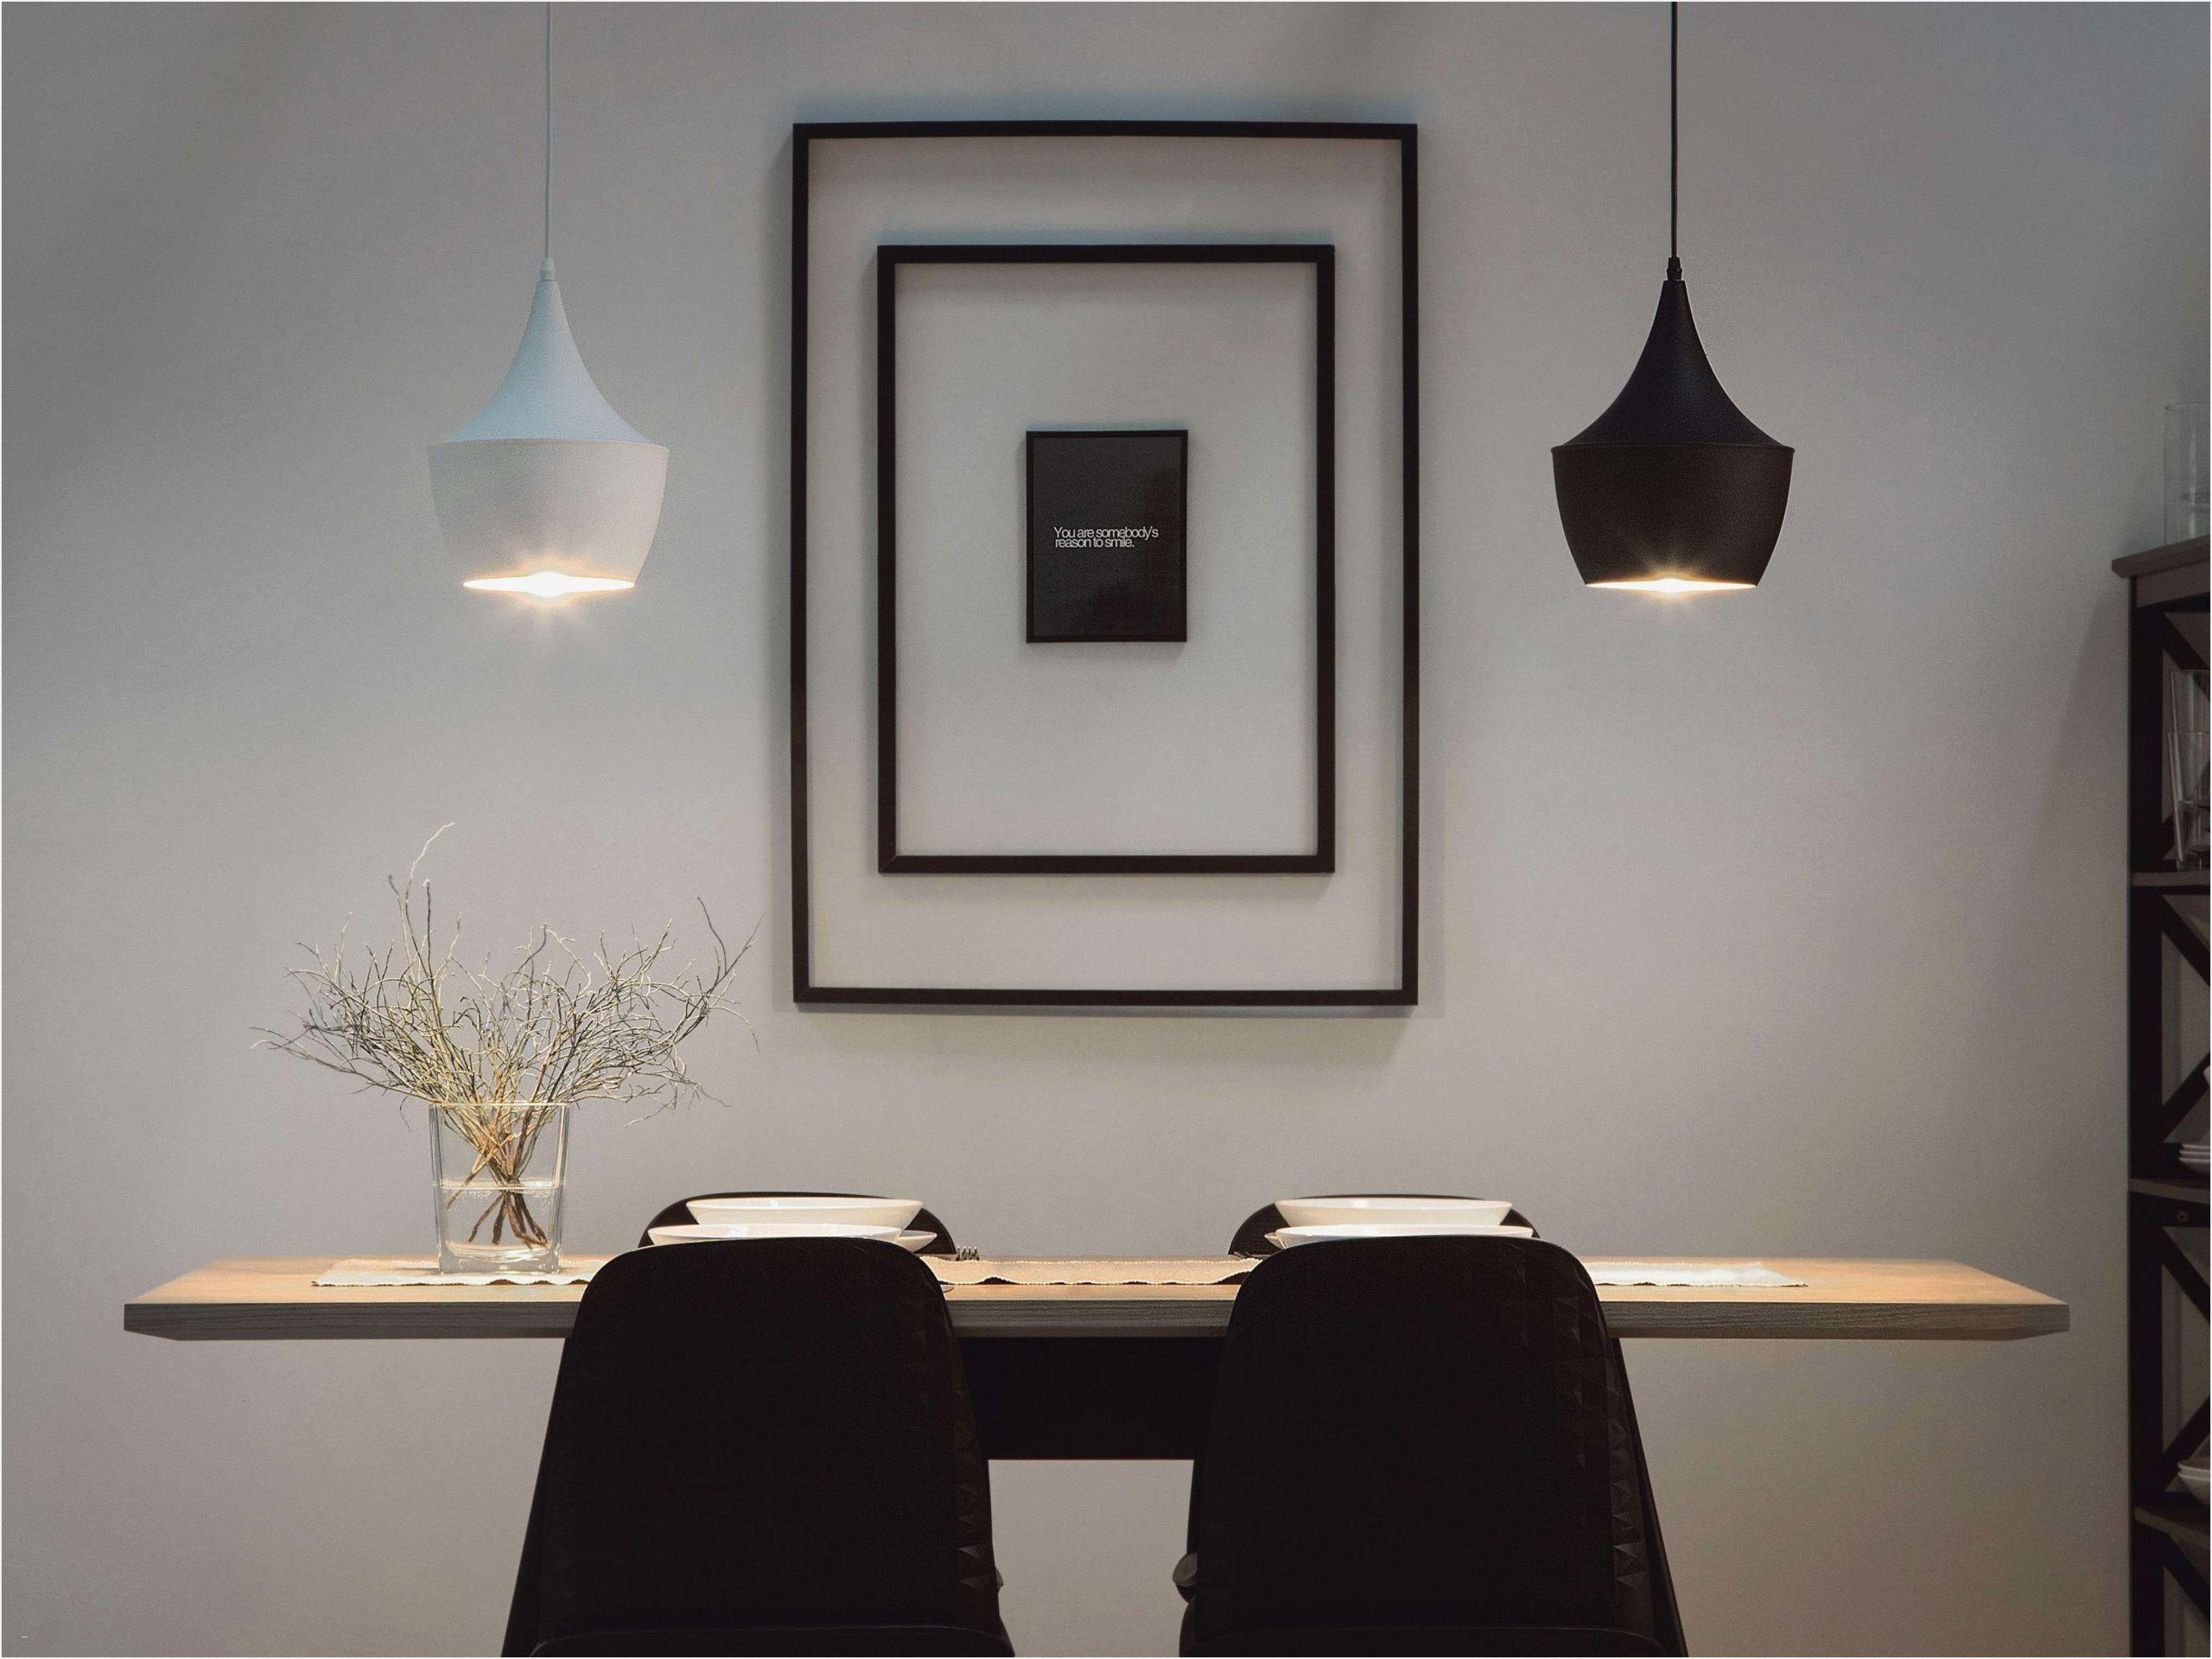 Full Size of Schlafzimmer Lampe Ikea Traumhaus Dekoration Lampen Esstisch Modulküche Bad Betten 160x200 Bei Badezimmer Sofa Mit Schlaffunktion Led Deckenlampen Wohnzimmer Wohnzimmer Ikea Lampen